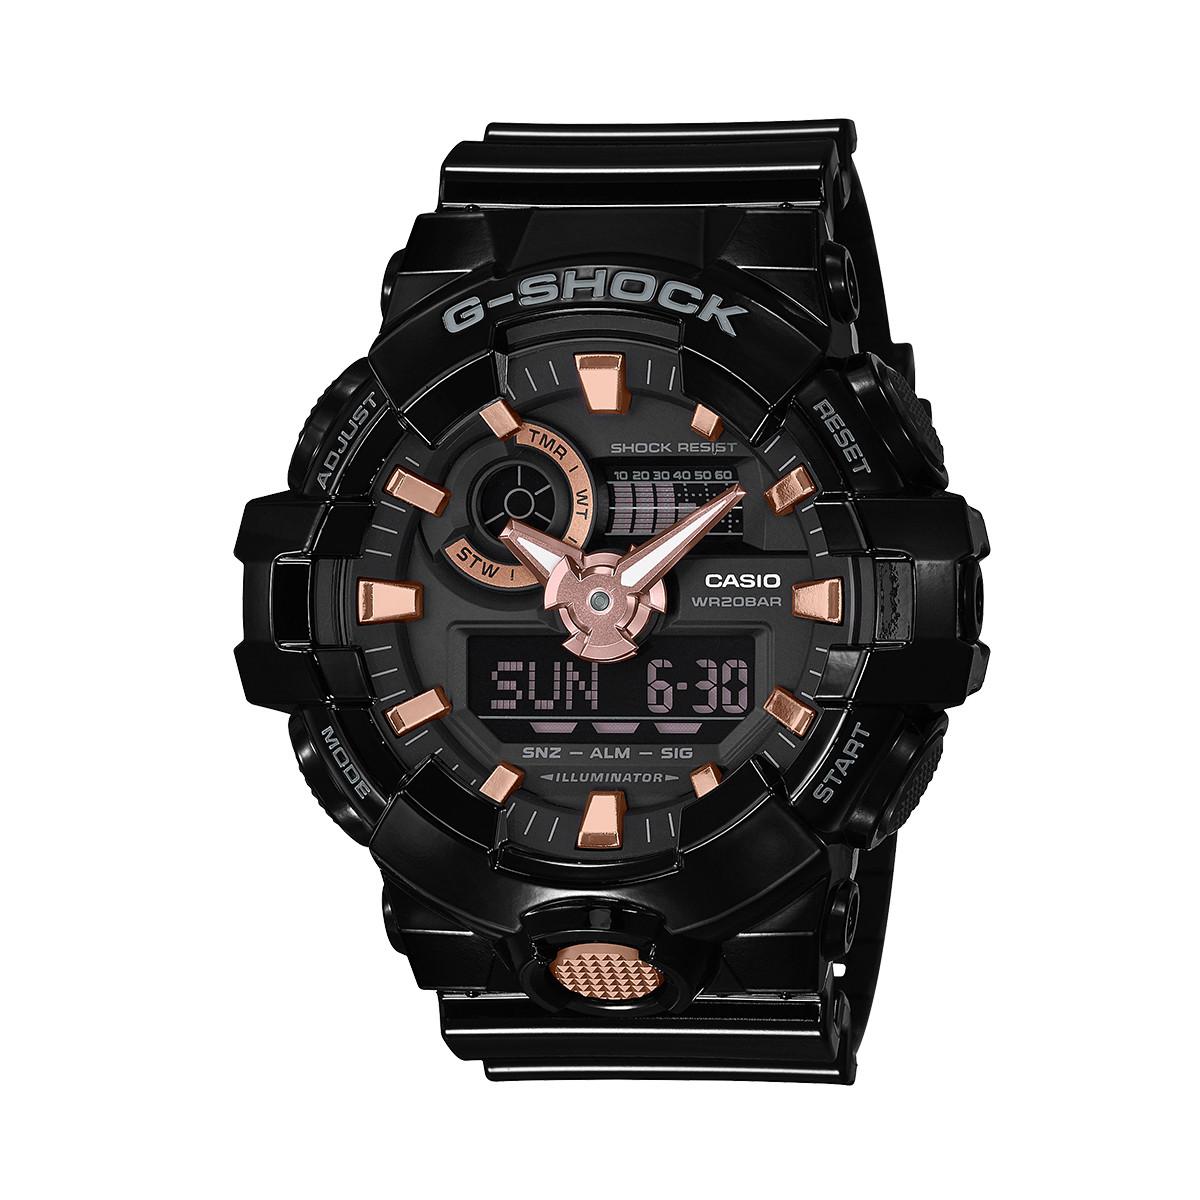 卡西欧【正品授权】卡西欧手表G-SHOCK系列多功能防水运动男士手表GA-710GBX-1A4PR